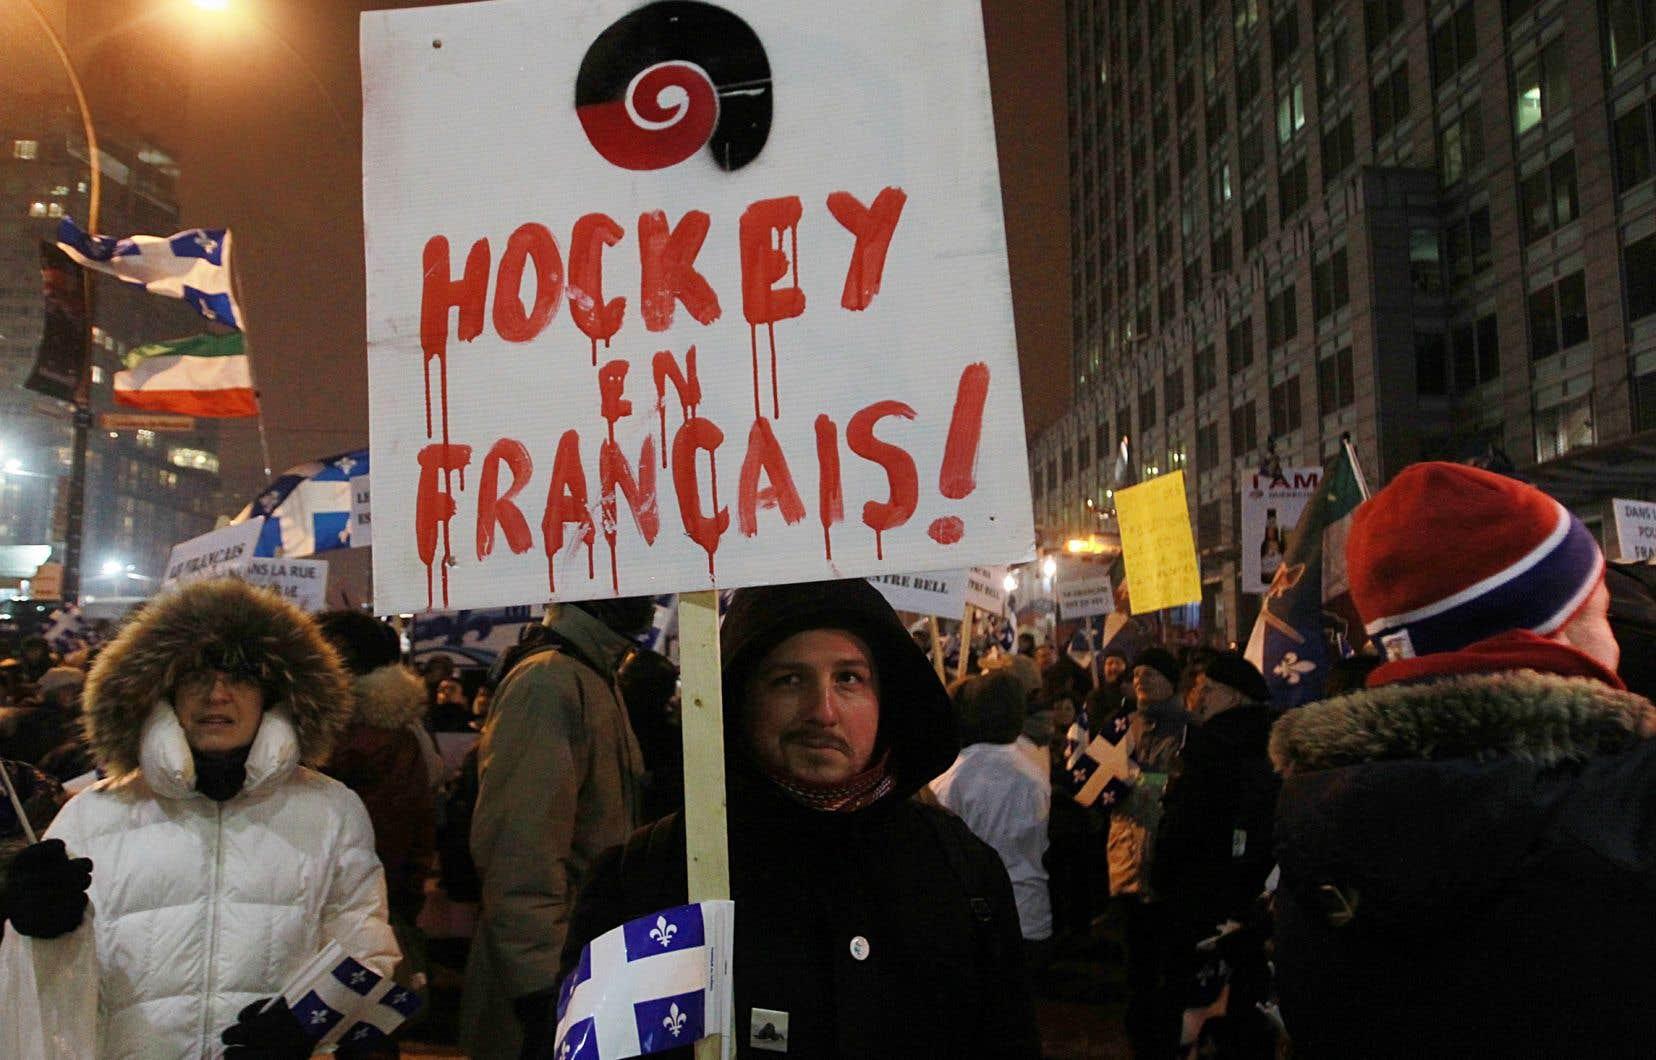 C'est grâce à la clairvoyance, à l'opiniâtreté et à l'extraordinaire volonté de (sur)vie des Canadiens francophones que la langue française a pu se maintenir et s'épanouir sur le continent nord-américain, souligne l'auteur.